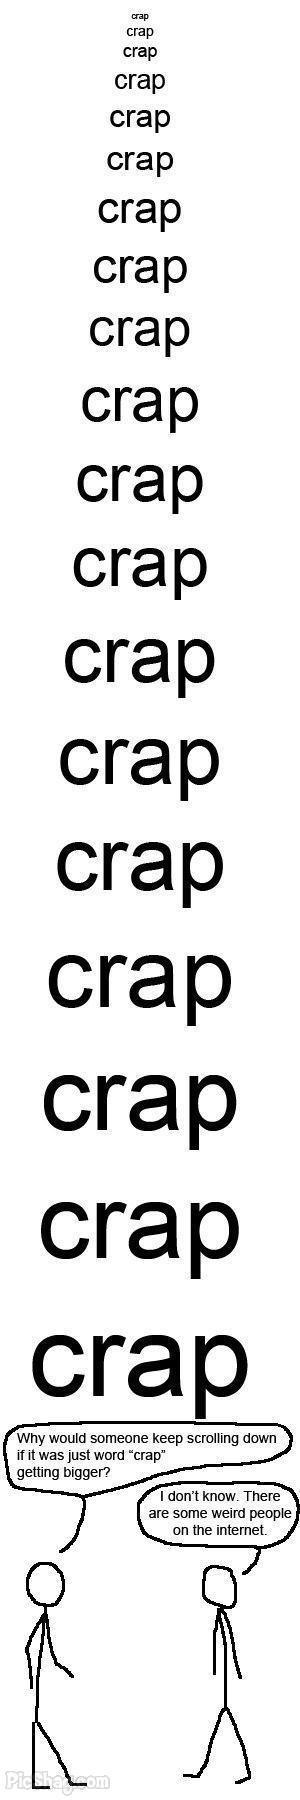 Crap CRAP